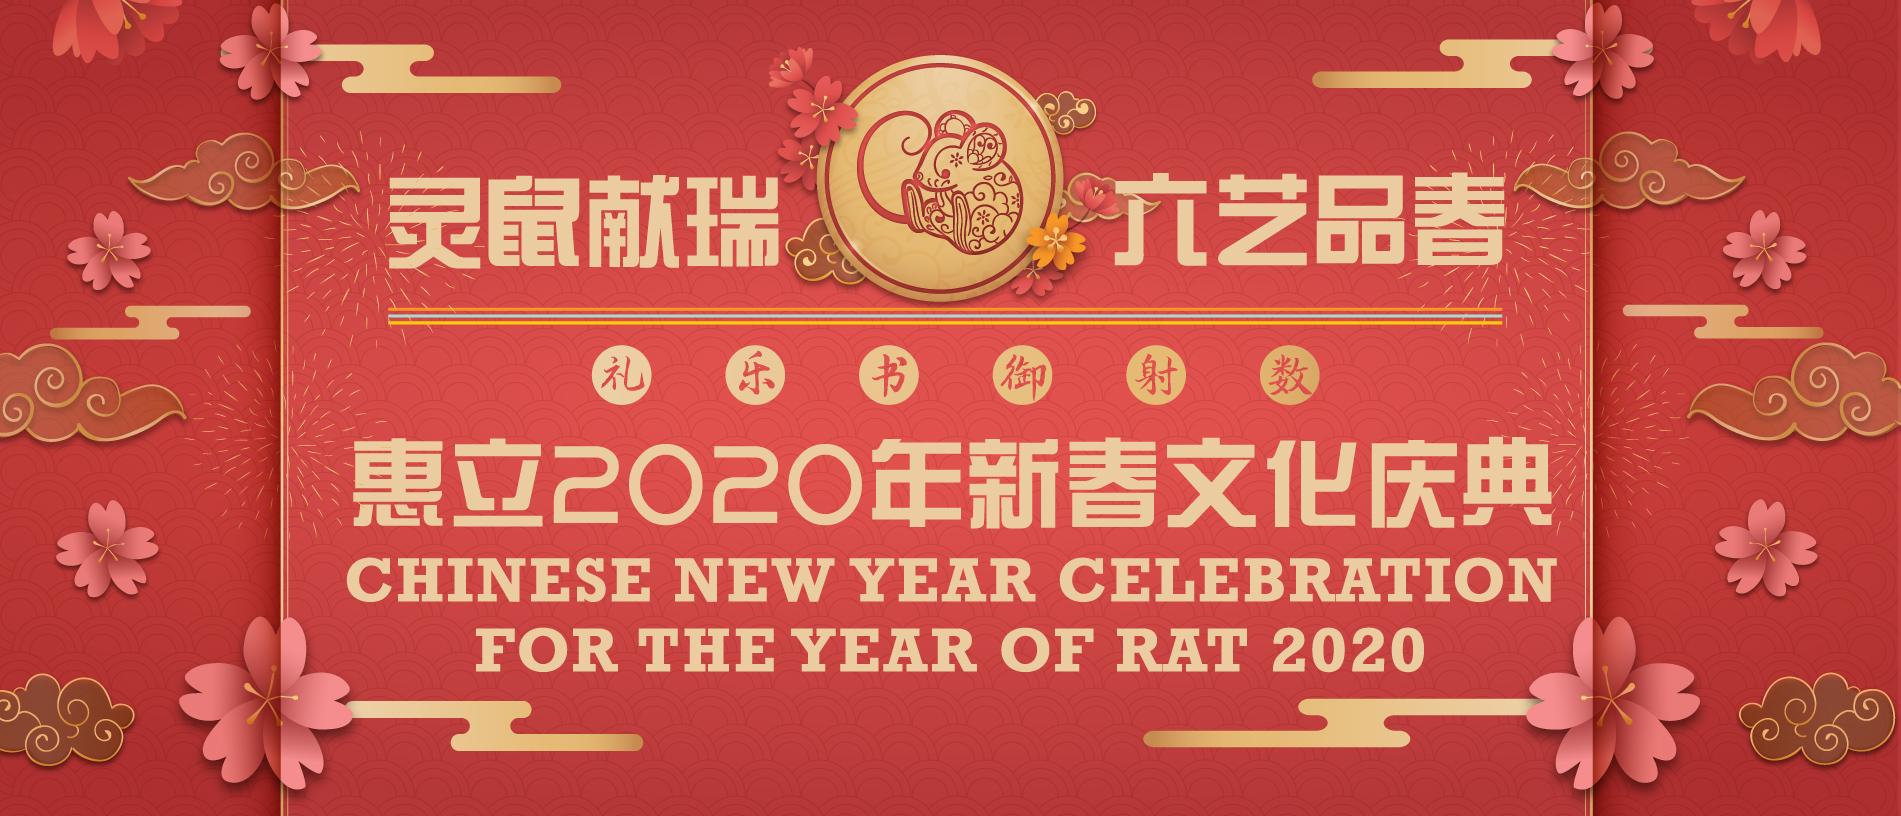 惠立2020年新春文化庆典